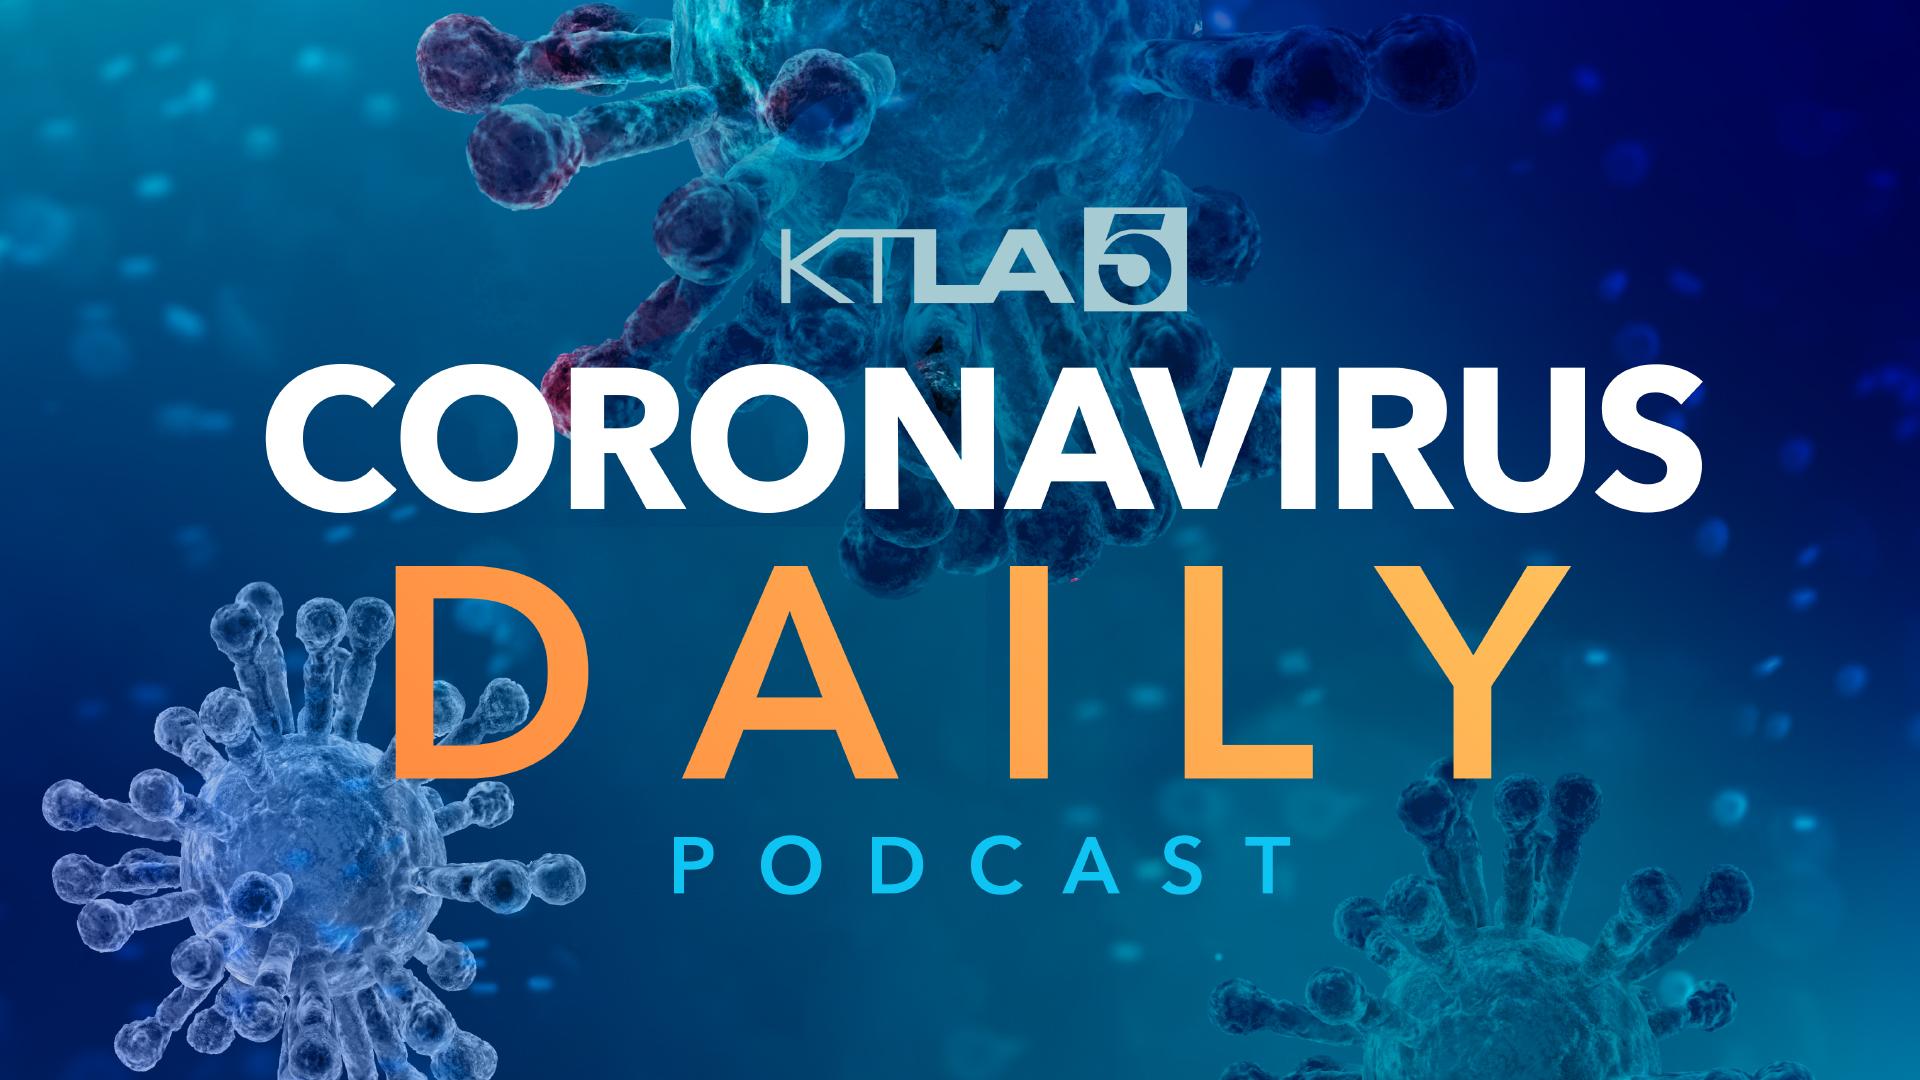 Ep 18 This Too Shall Pass Coronavirus Daily Podcast Ktla